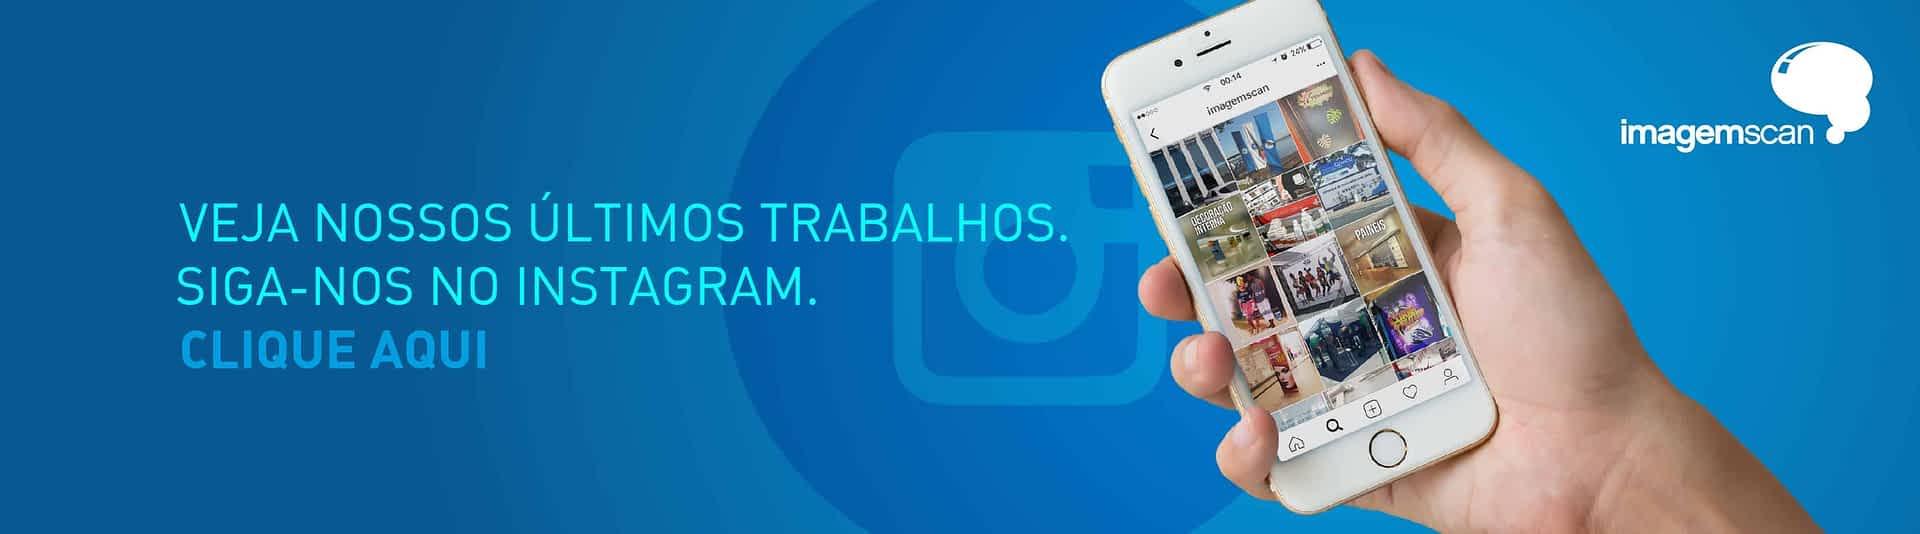 Instagram Imagem Scan Comunicação Visual